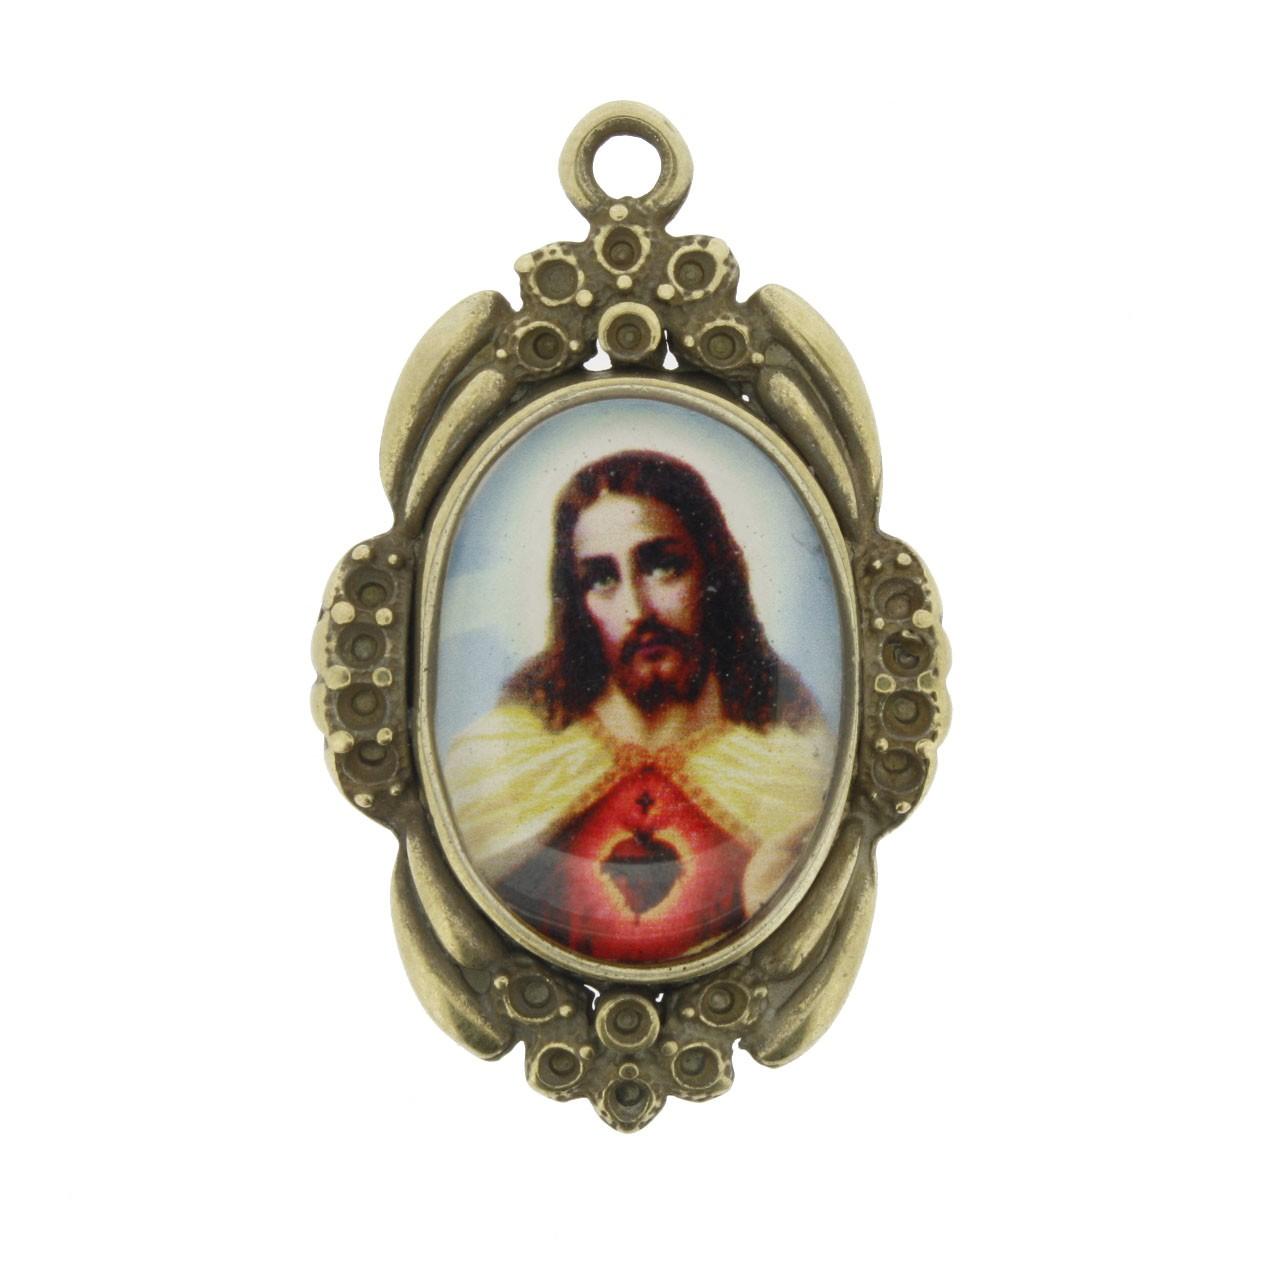 Sagrado Coração de Jesus - Ouro Velho e Resina - 42x26mm  - Universo Religioso® - Artigos de Umbanda e Candomblé